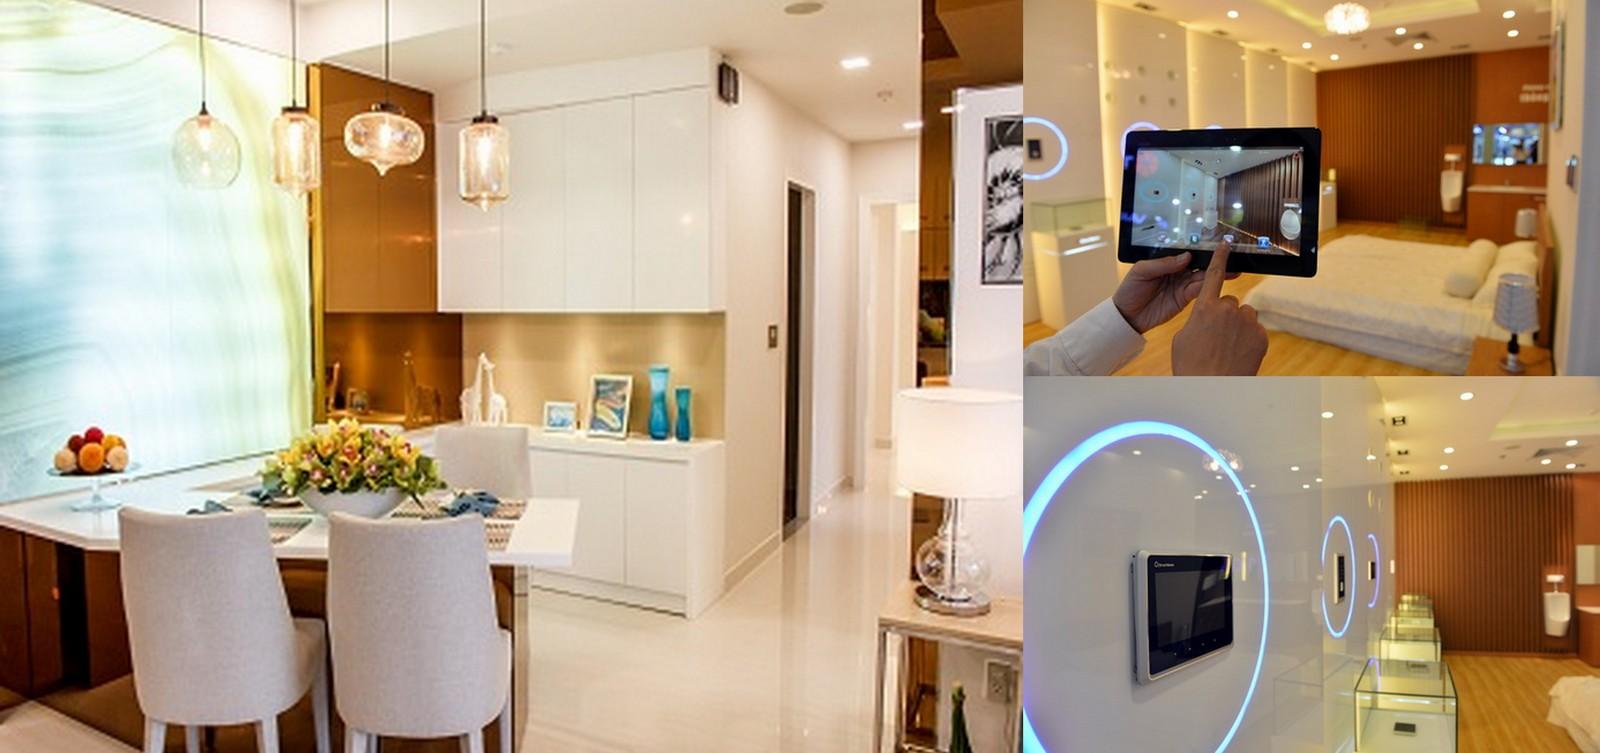 chỉ bằng 1 chiếc smart phone có thể điều khiển toàn bộ gia đình bạn